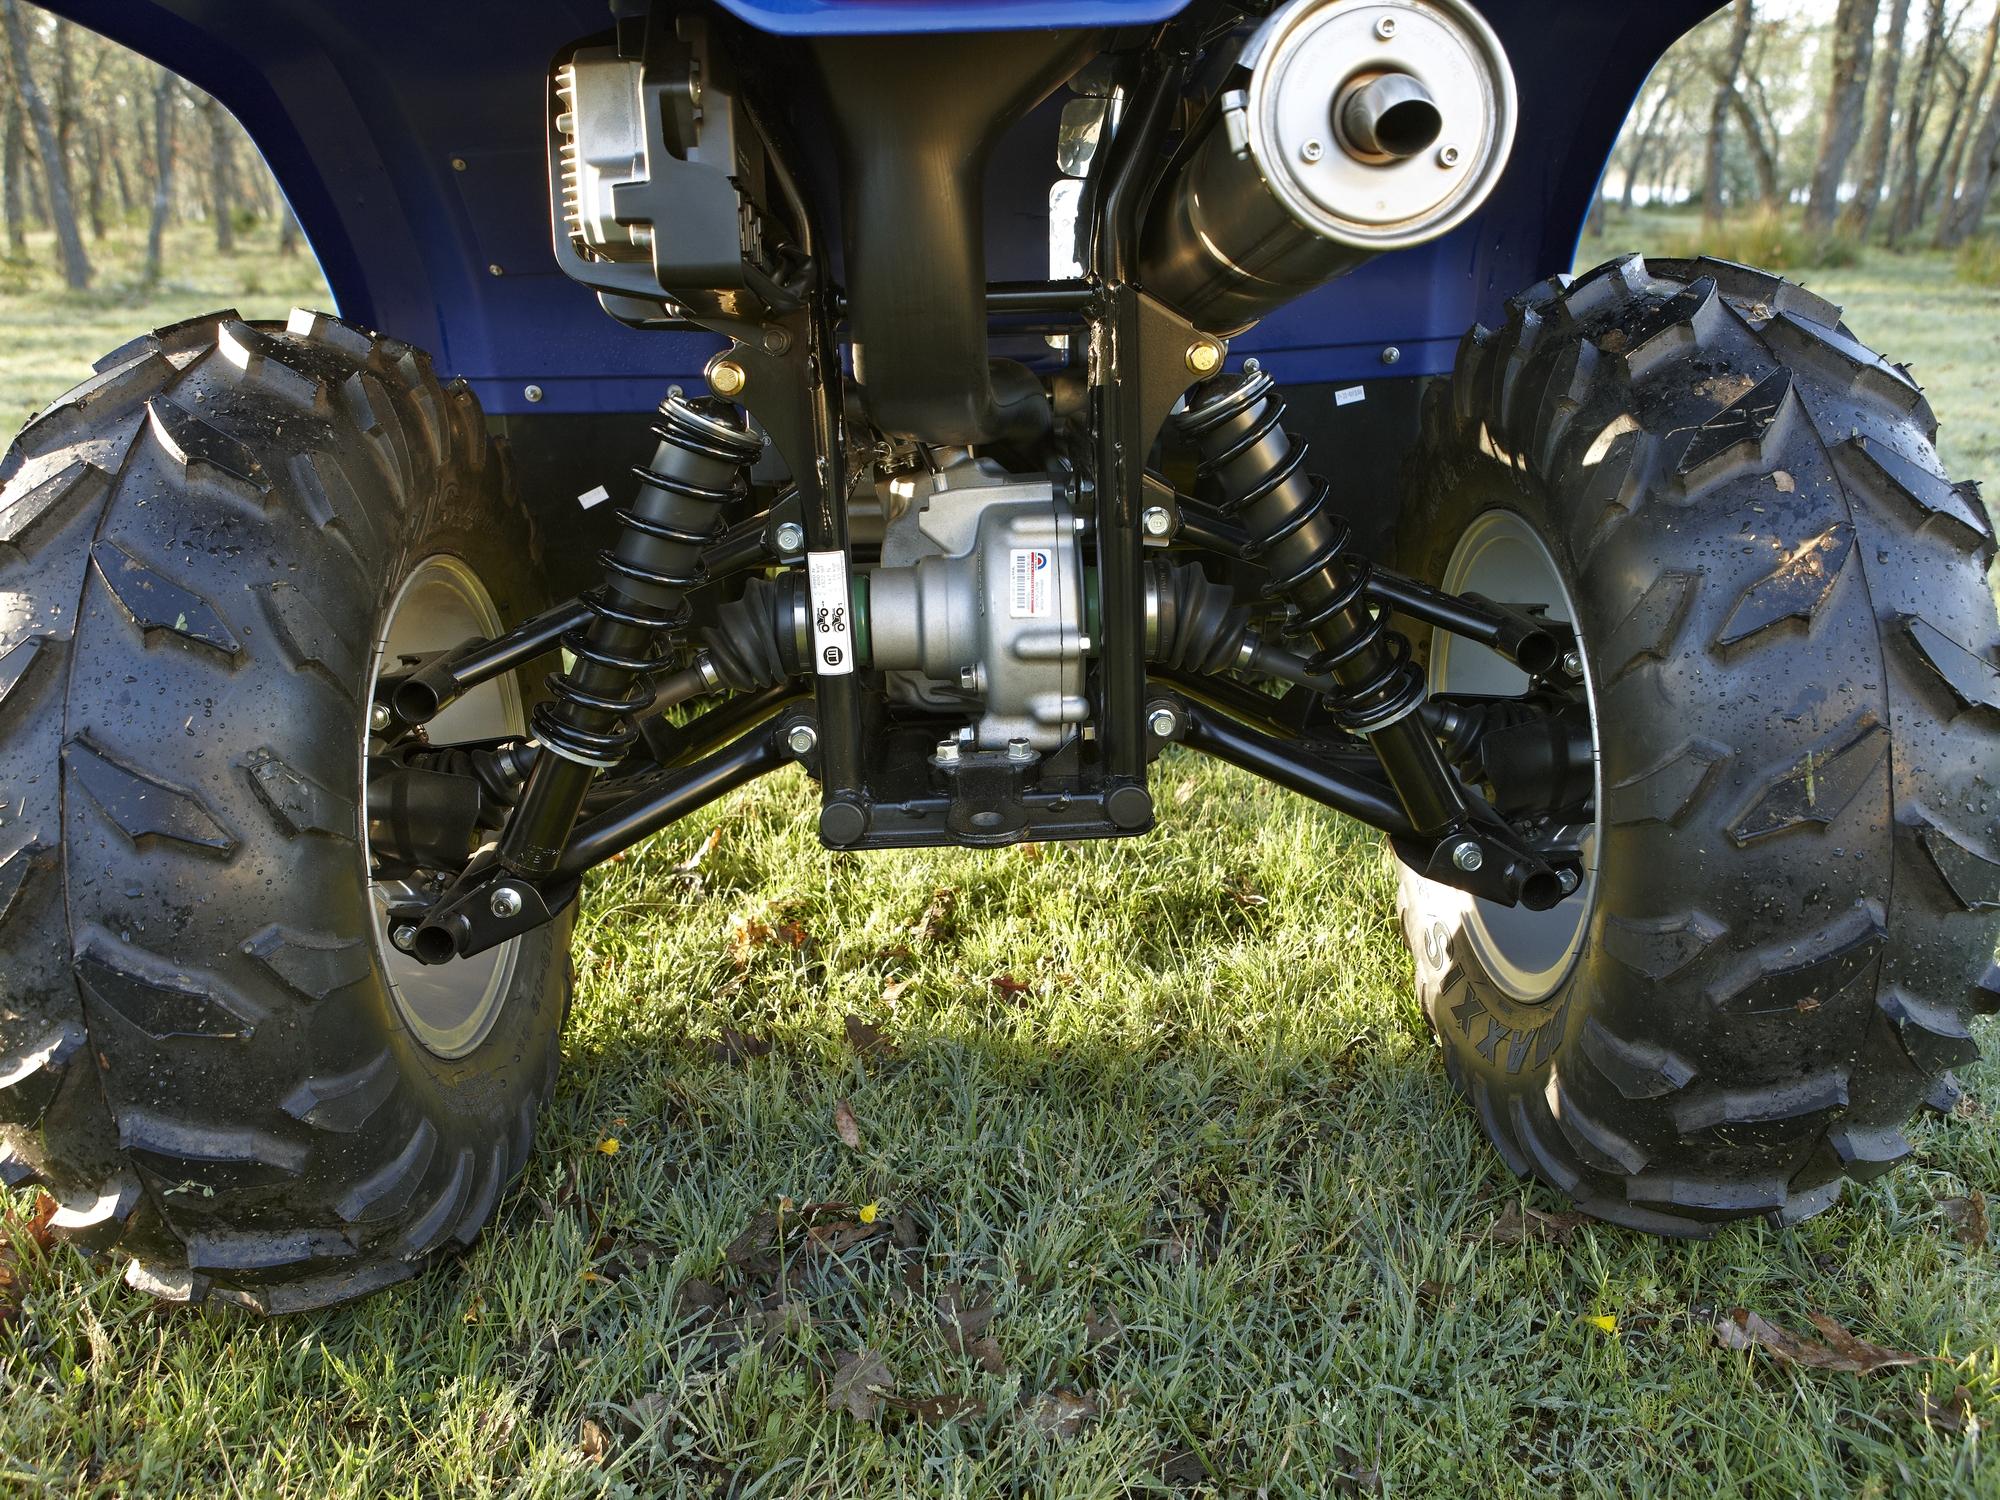 Yamaha Grizzly 450 >> Grizzly 450 Eps 2016 Ominaisuudet Ja Tekniset Tiedot